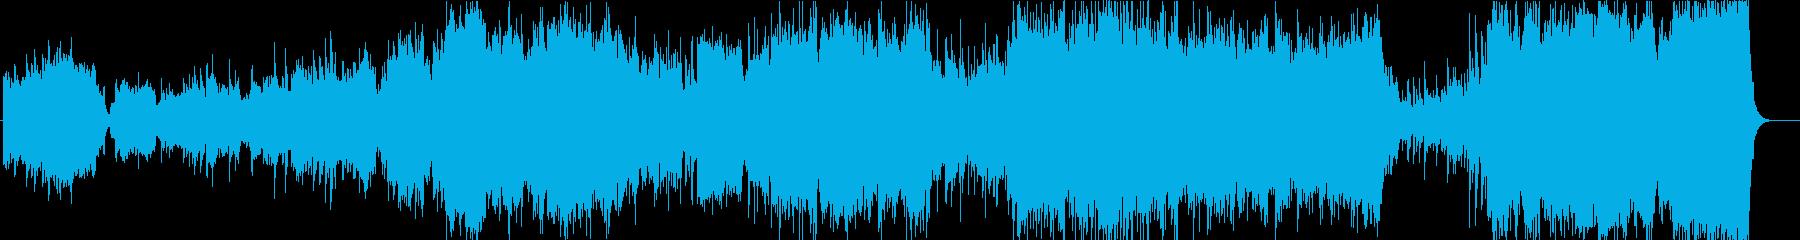 生演奏バイオリン壮大な小編成オーケストラの再生済みの波形